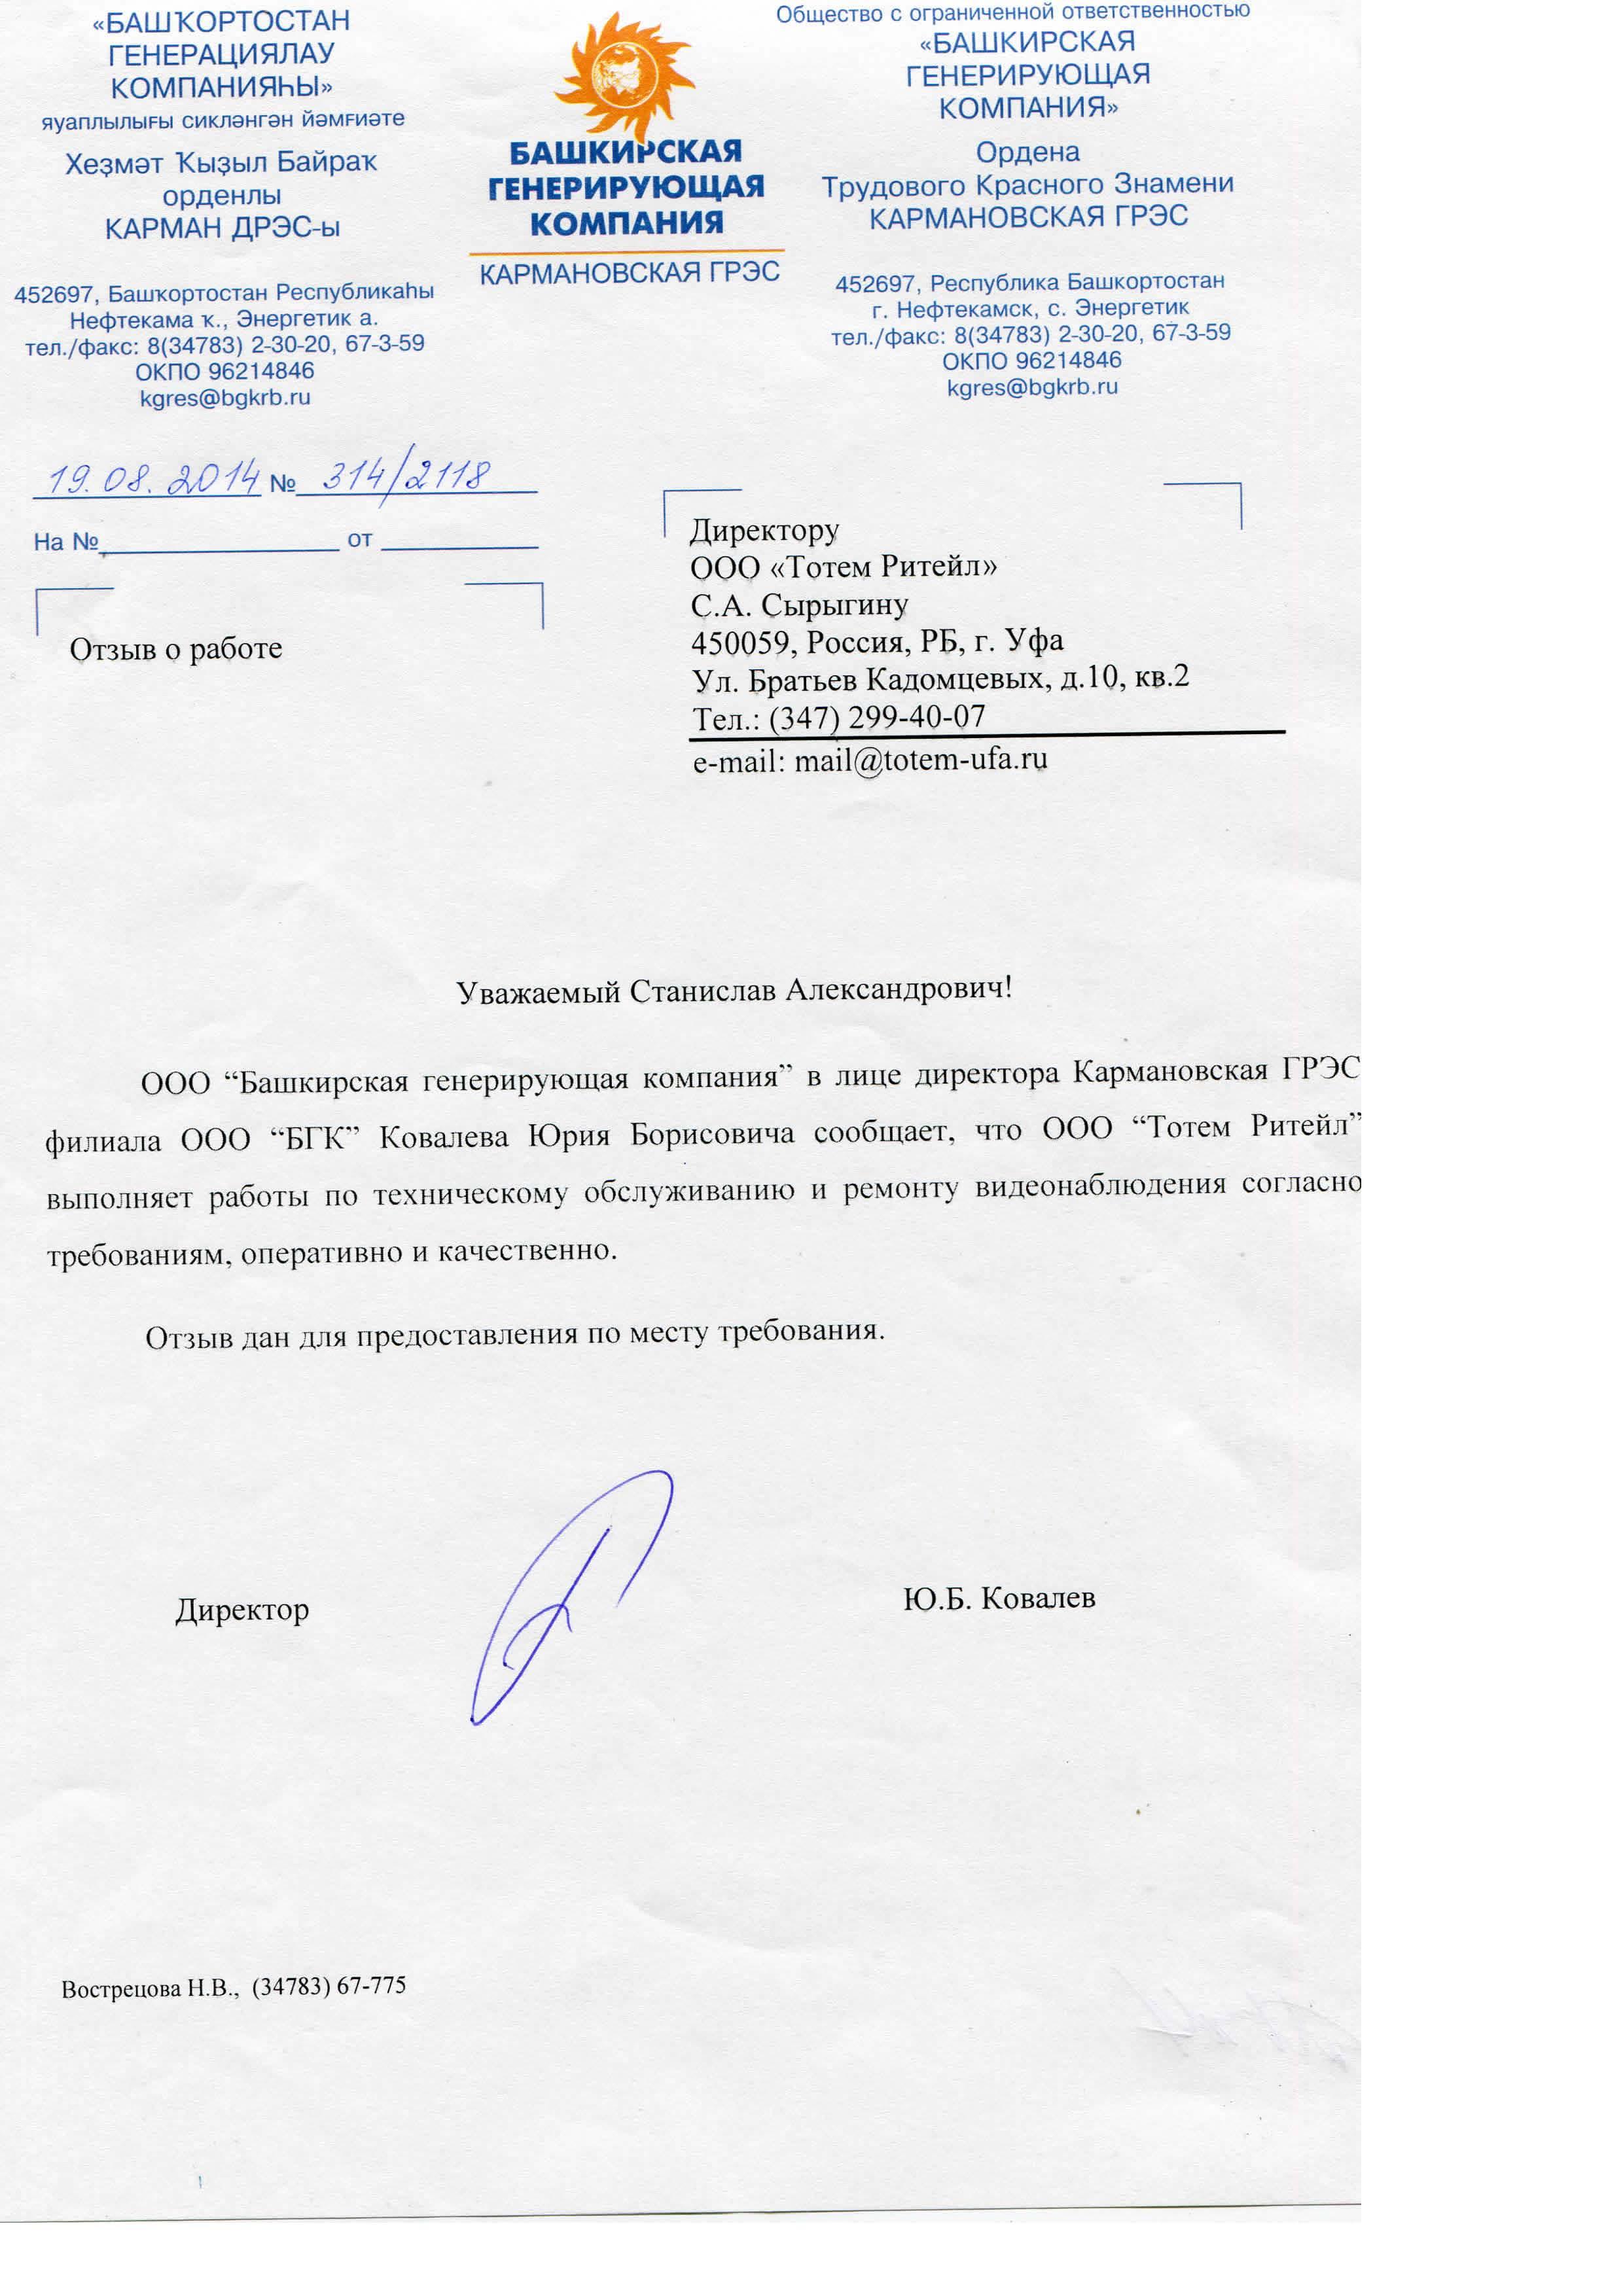 Кармановская_ГРЭС__1_.jpg